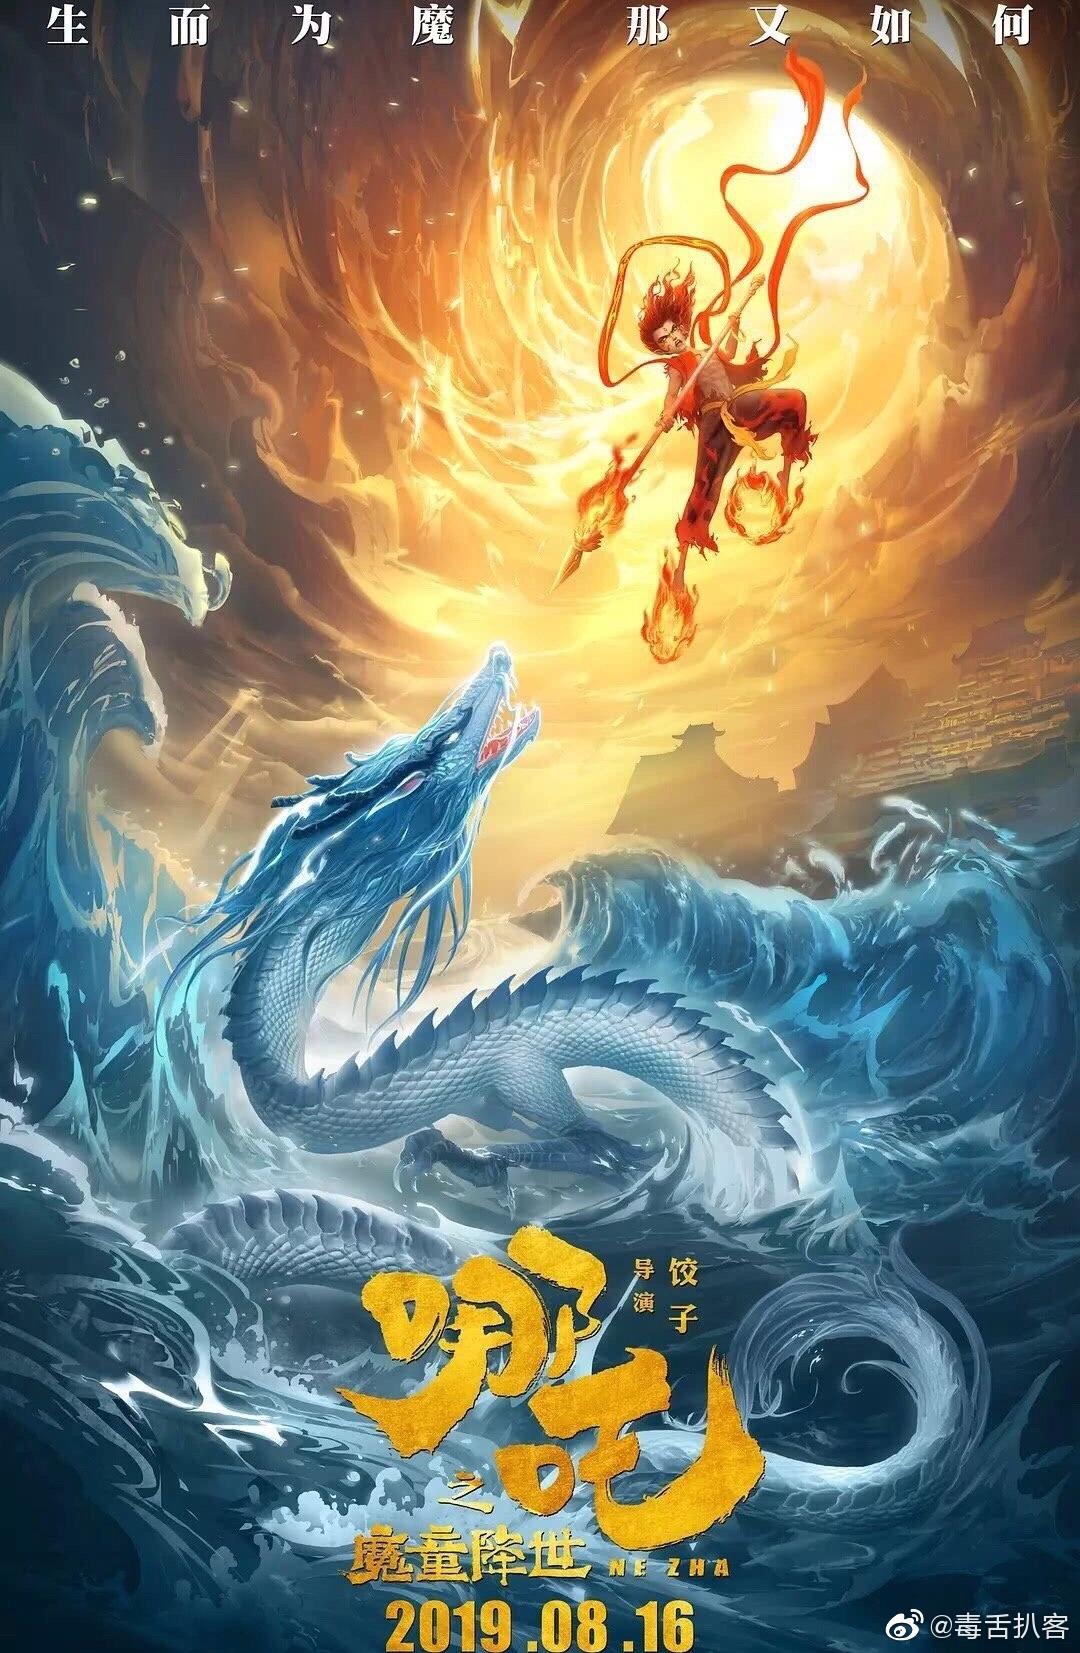 《哪吒之魔童降世》中国票房达48.8亿元,但在北美上映两周多